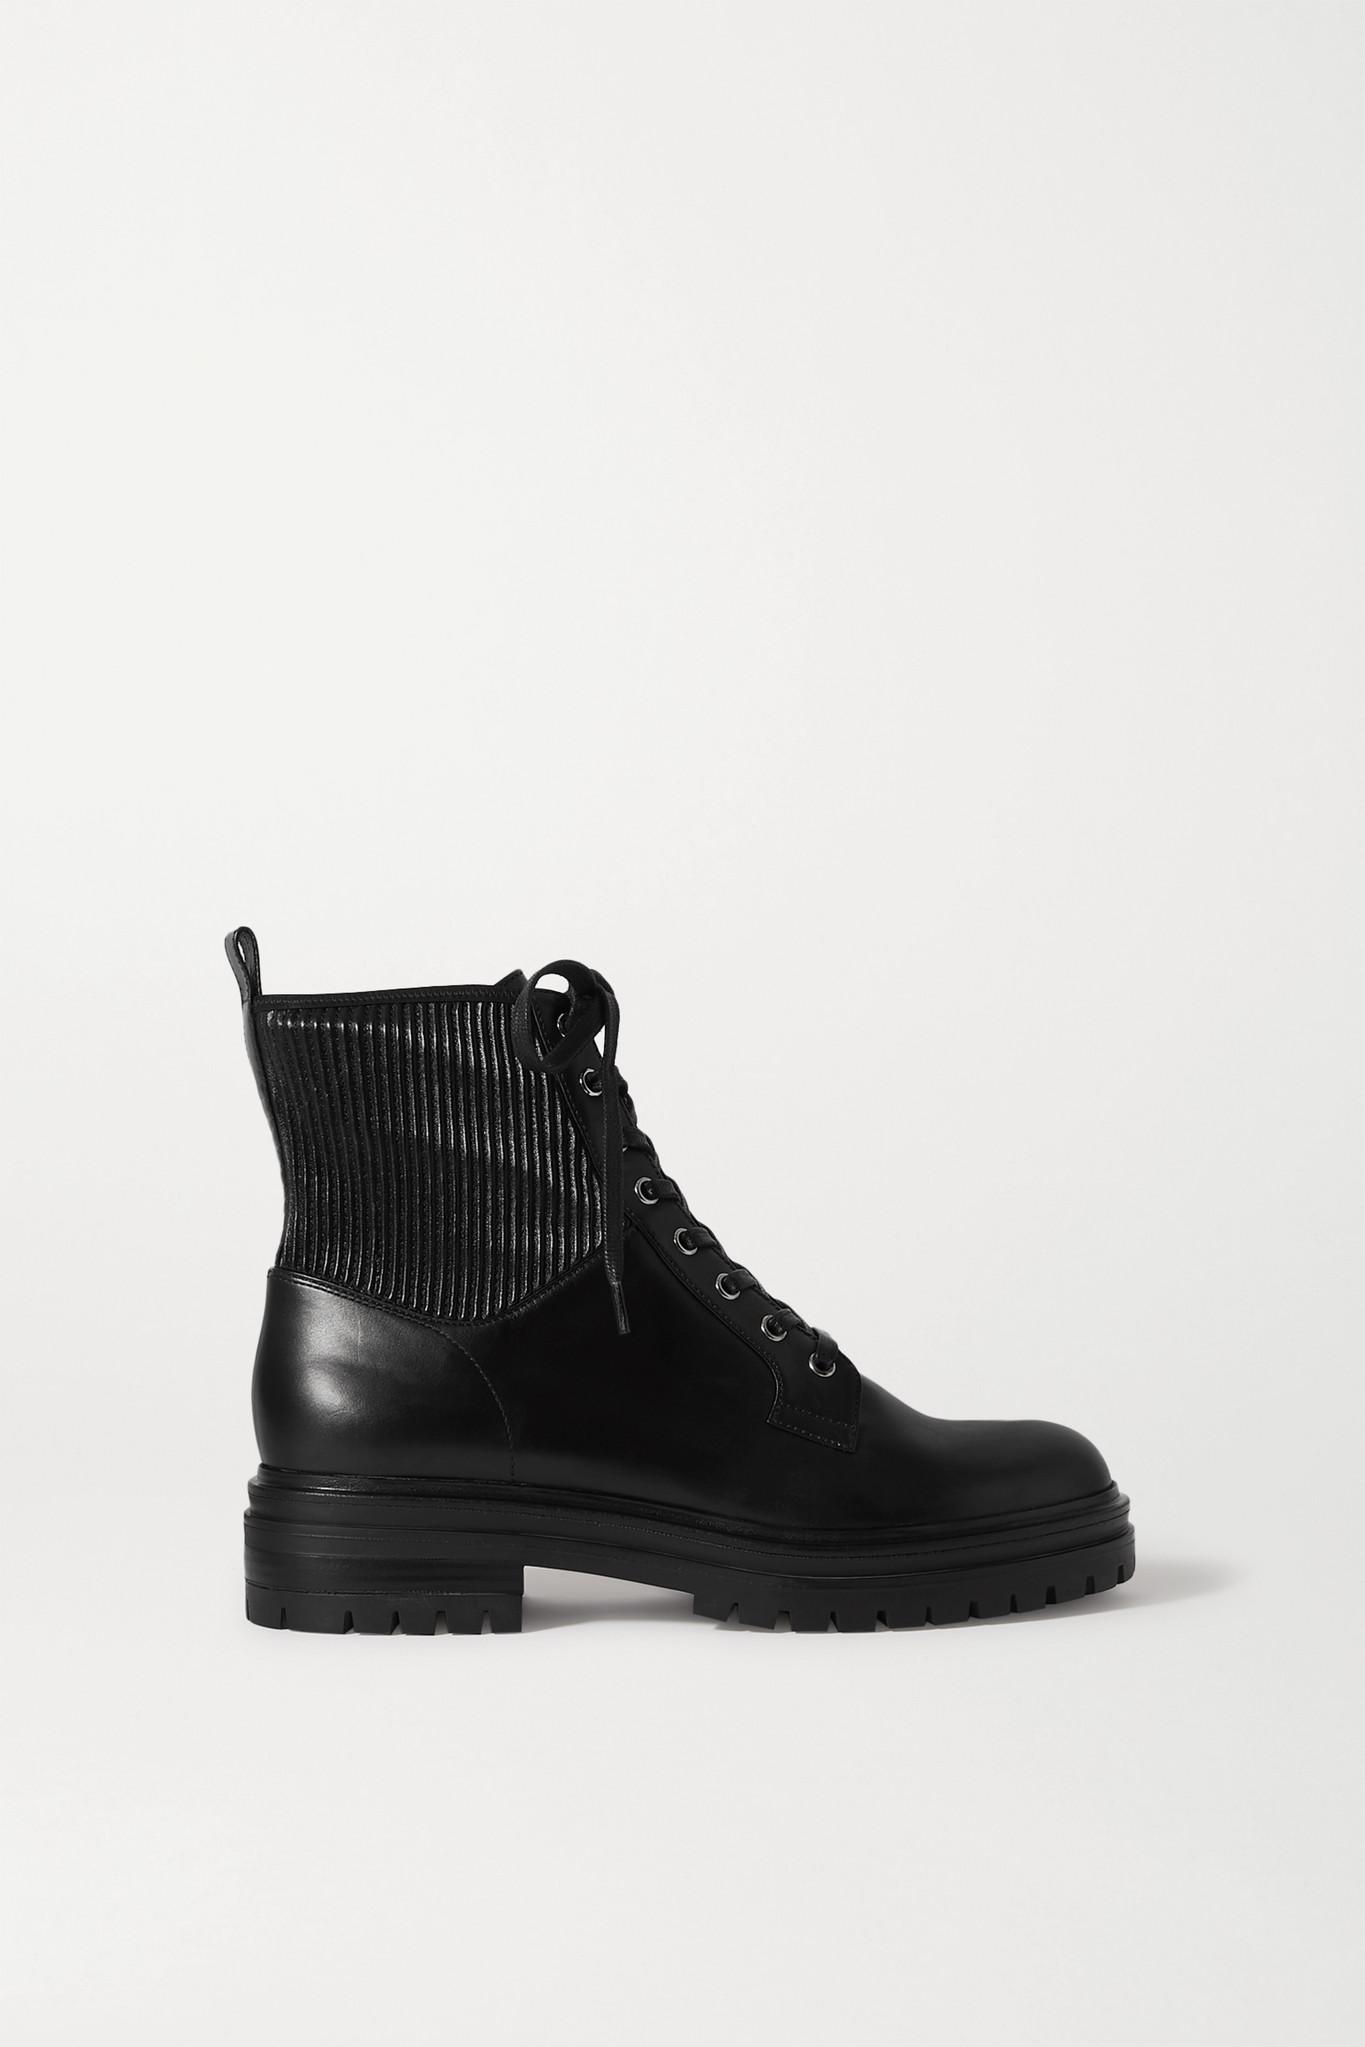 GIANVITO ROSSI - Martis 40 皮革踝靴 - 黑色 - IT40.5